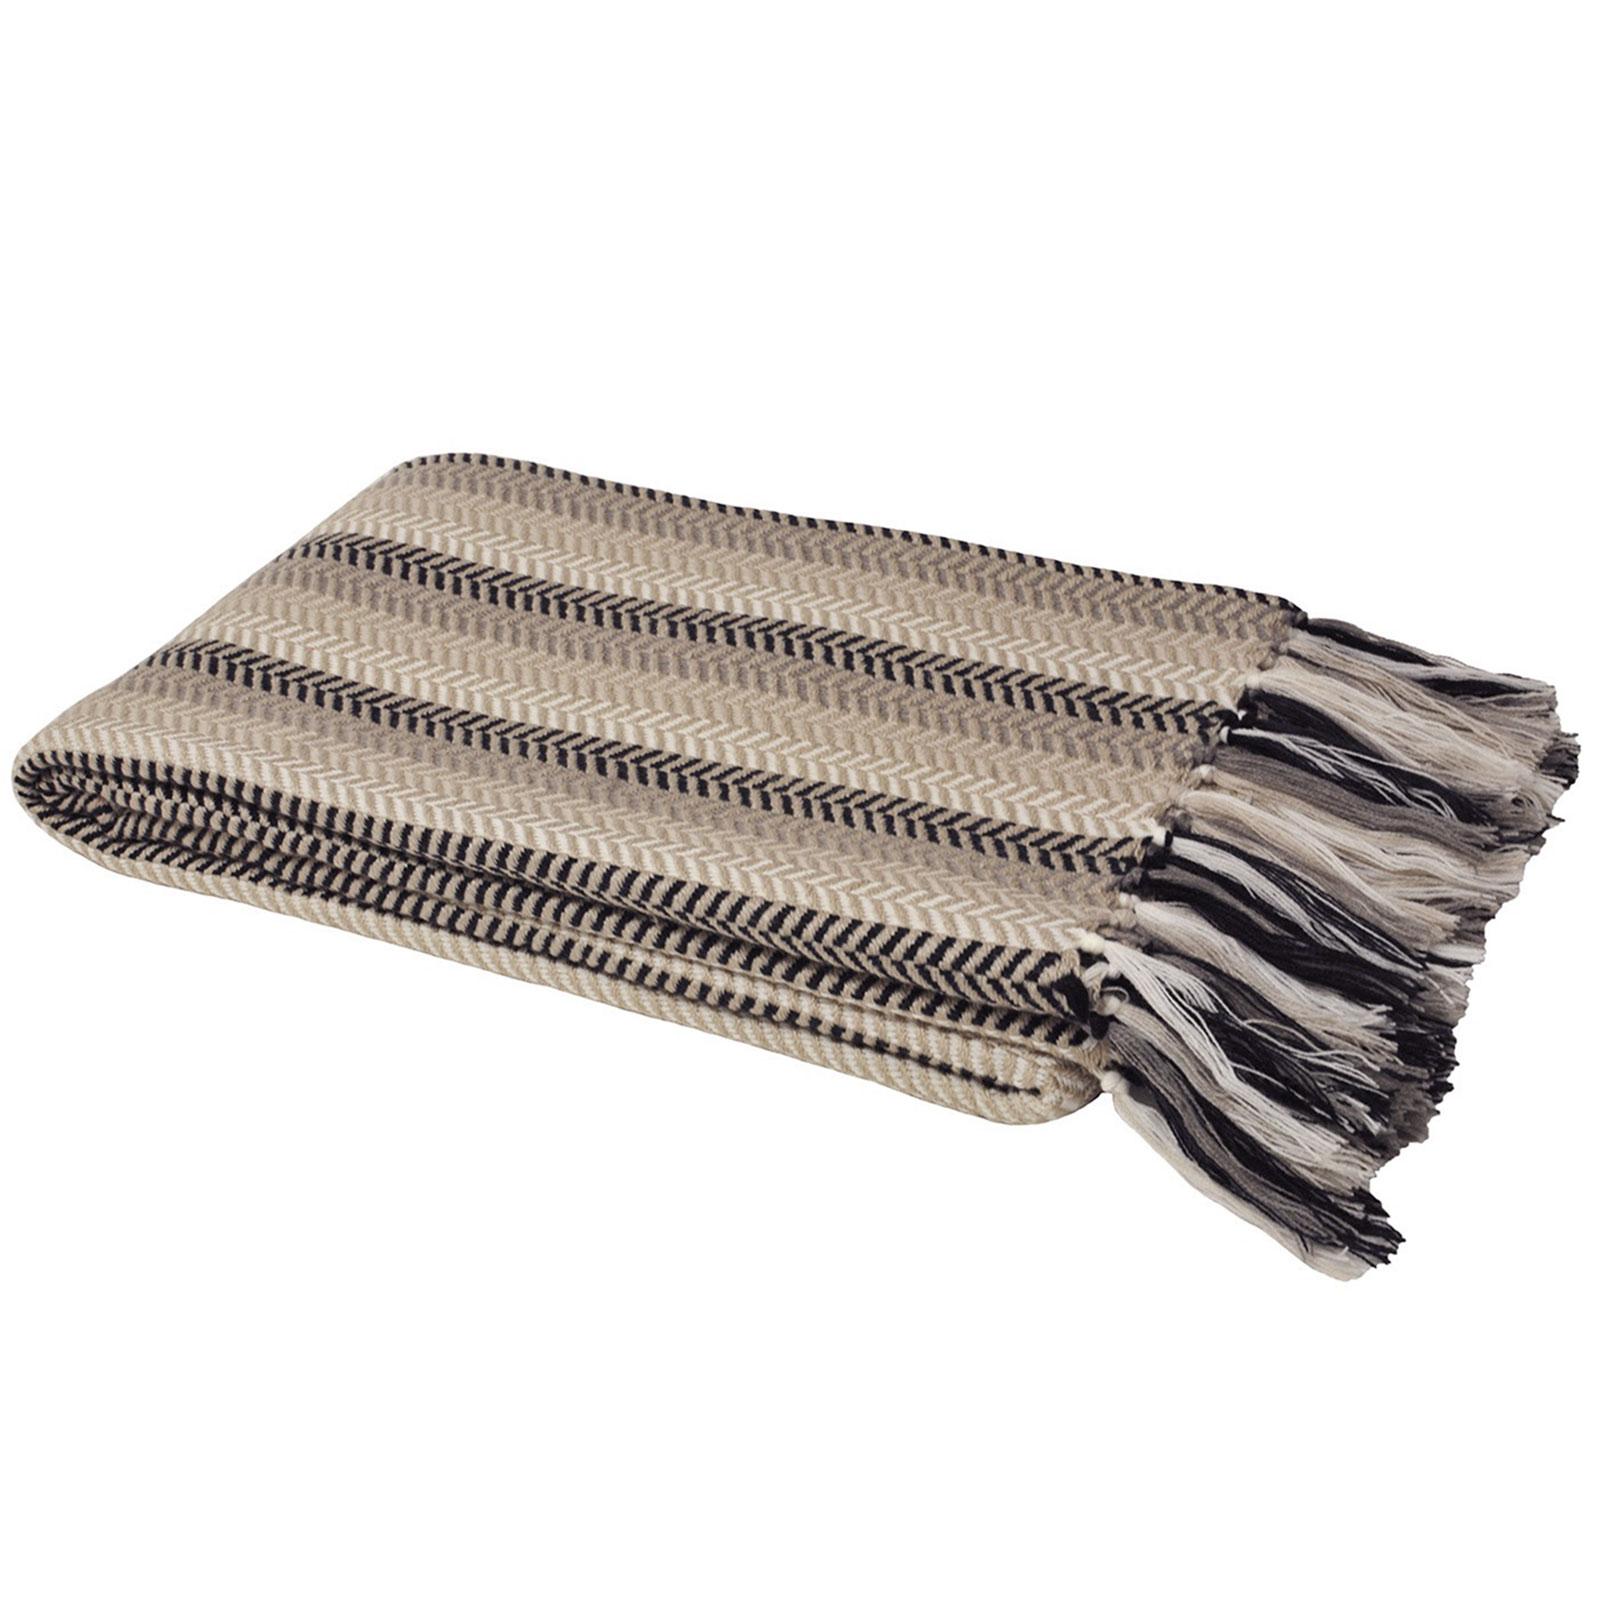 Knitted Herringbone Fringe Throw Over Blanket For Sofa